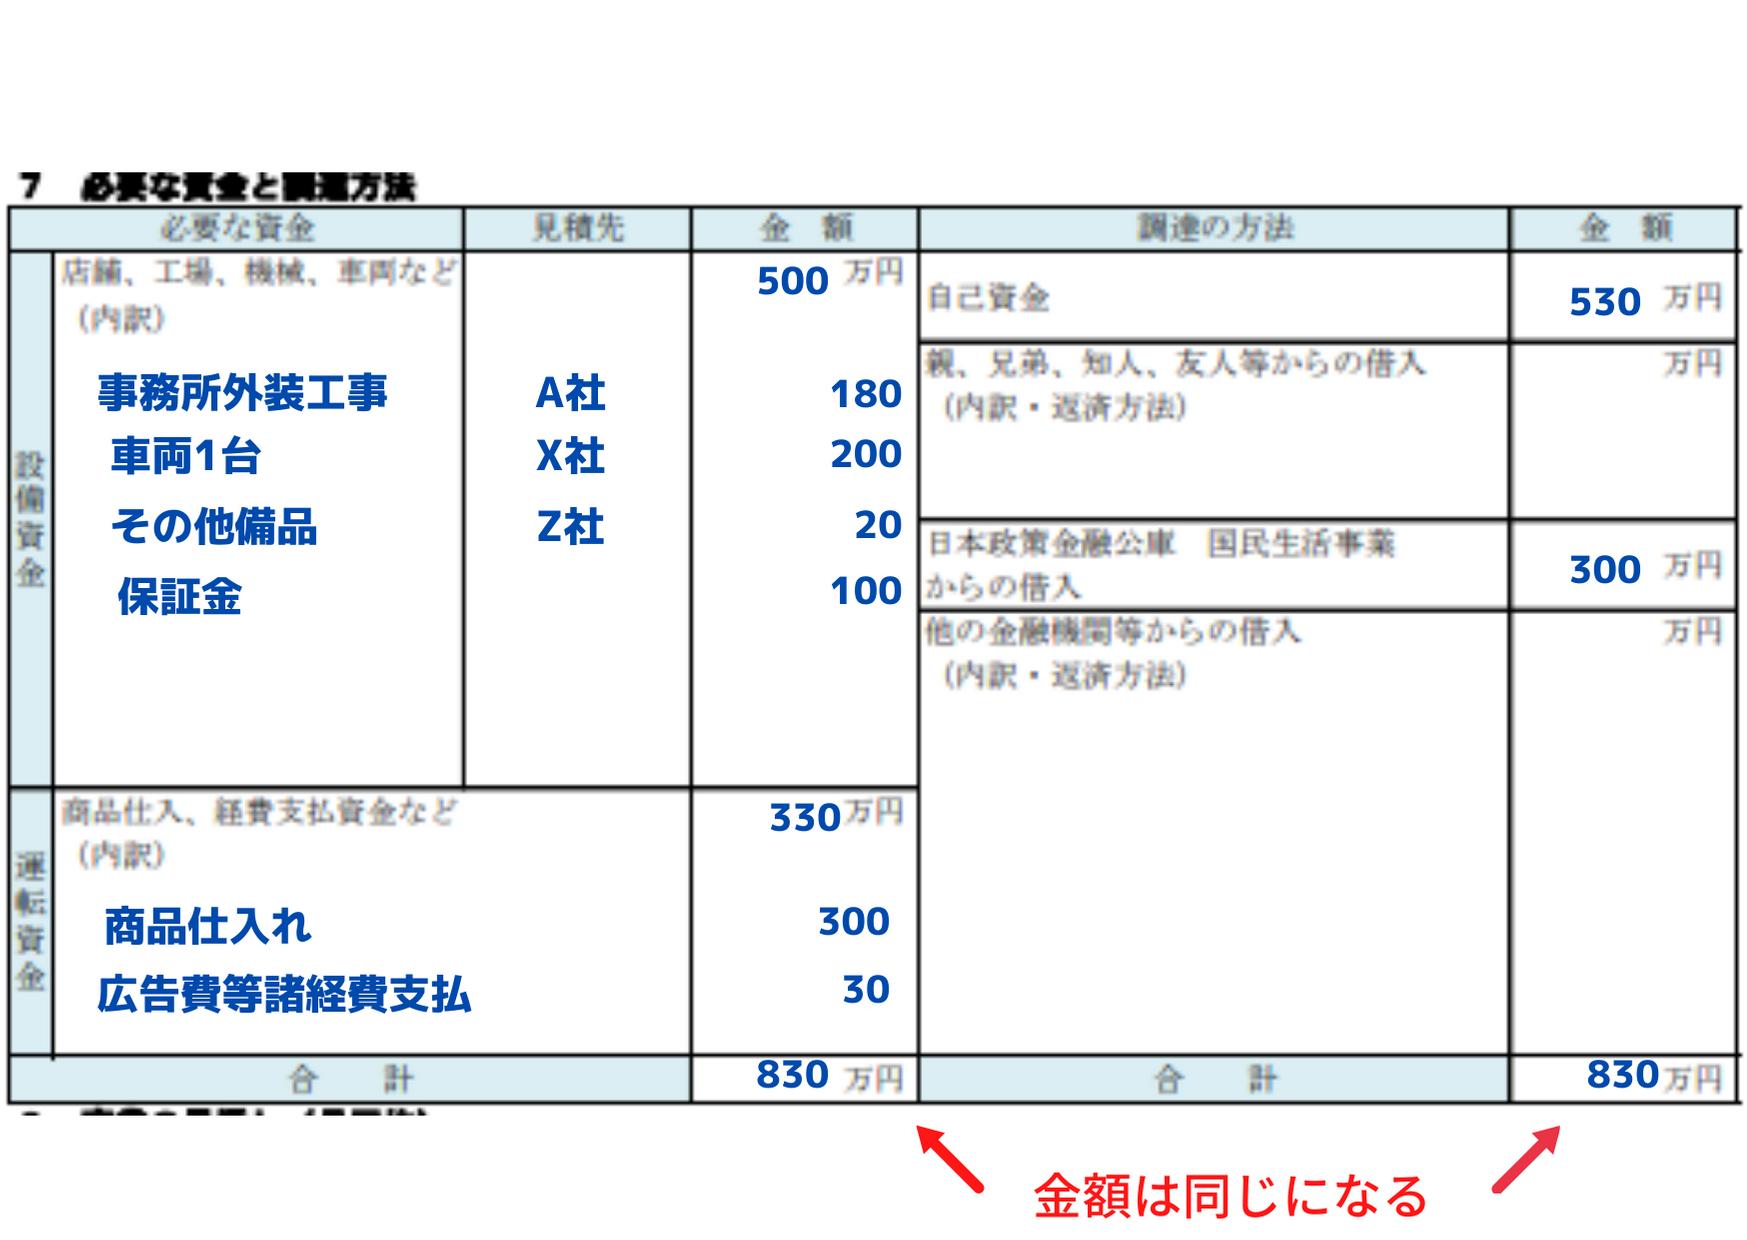 不動産業の事業計画書-2のイメージ